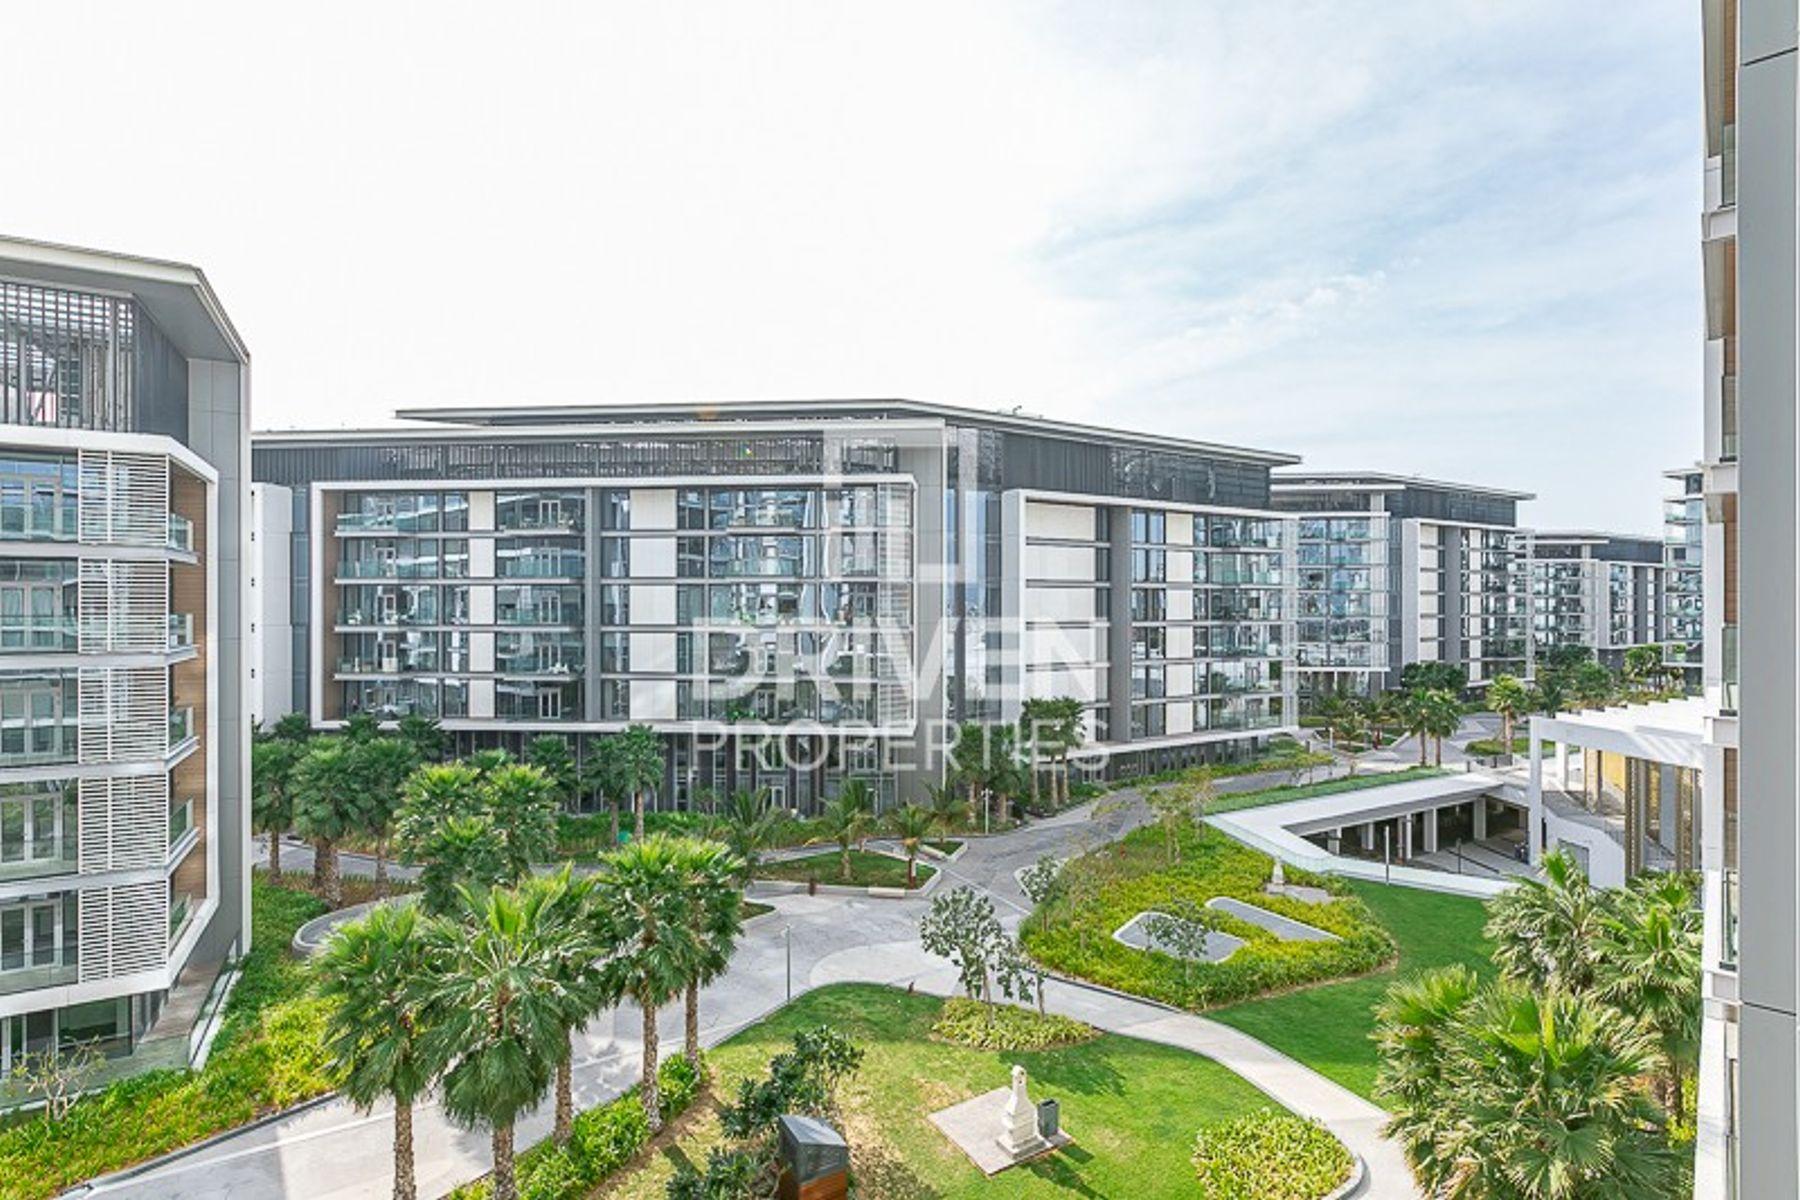 للبيع - شقة - Apartment Building 8 - بلوواترز